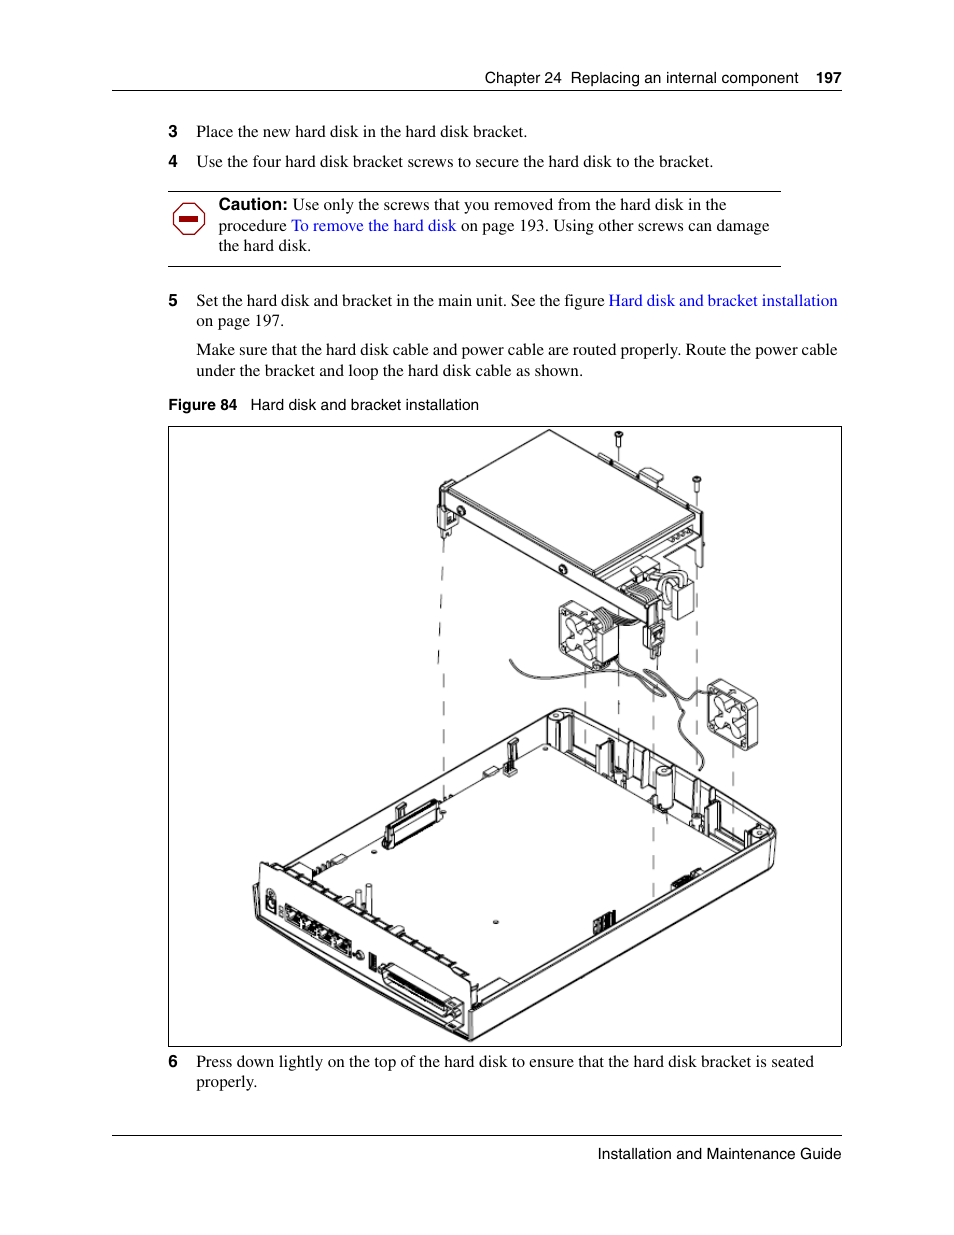 Taotao 50 Wiring Diagram Manual Guide